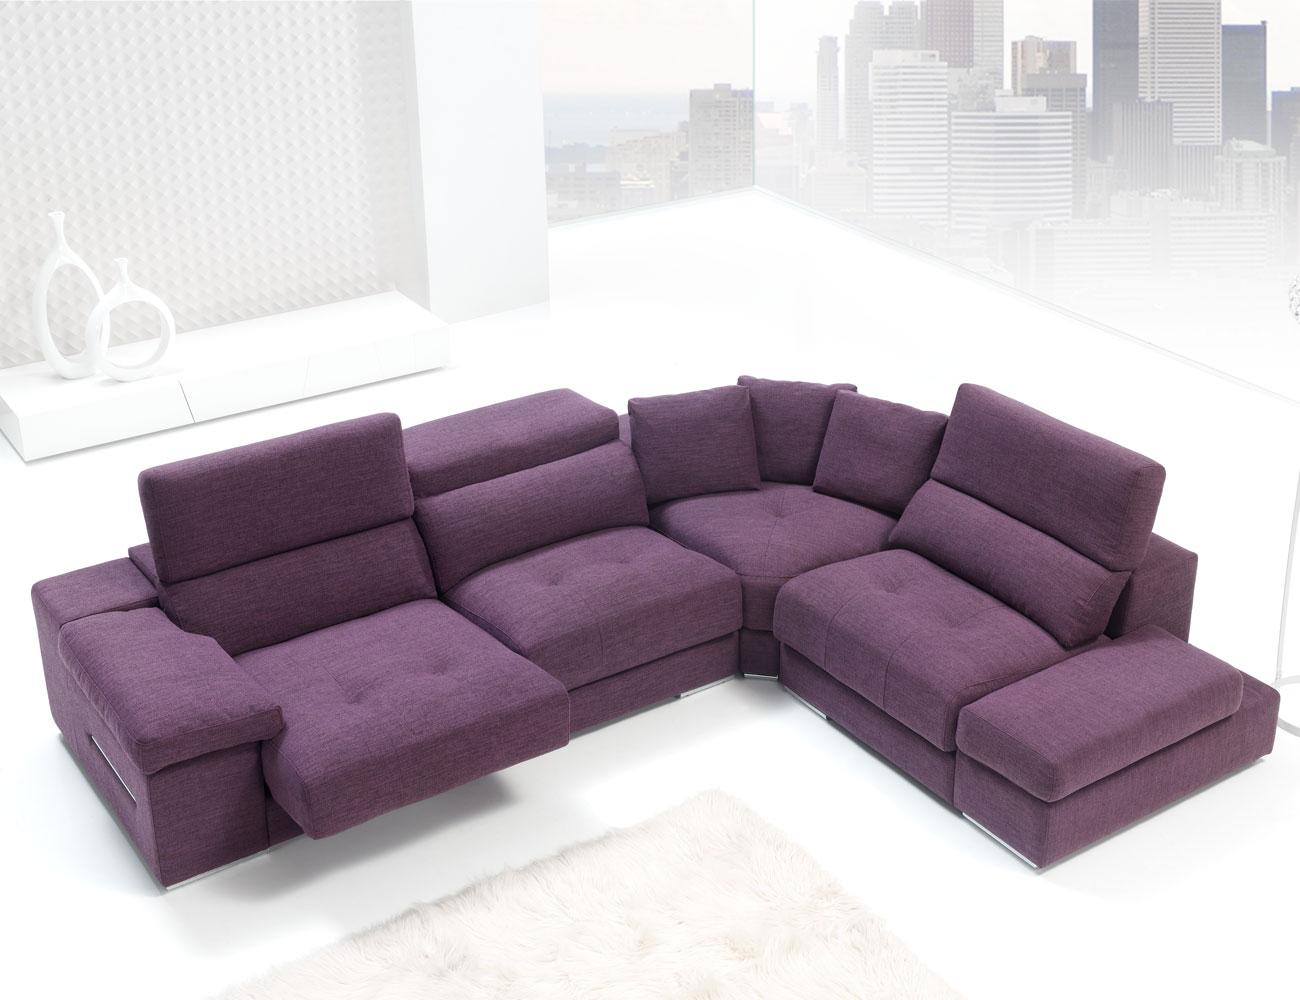 Sofa chaiselongue rincon con brazo mecanico tejido anti manchas 275